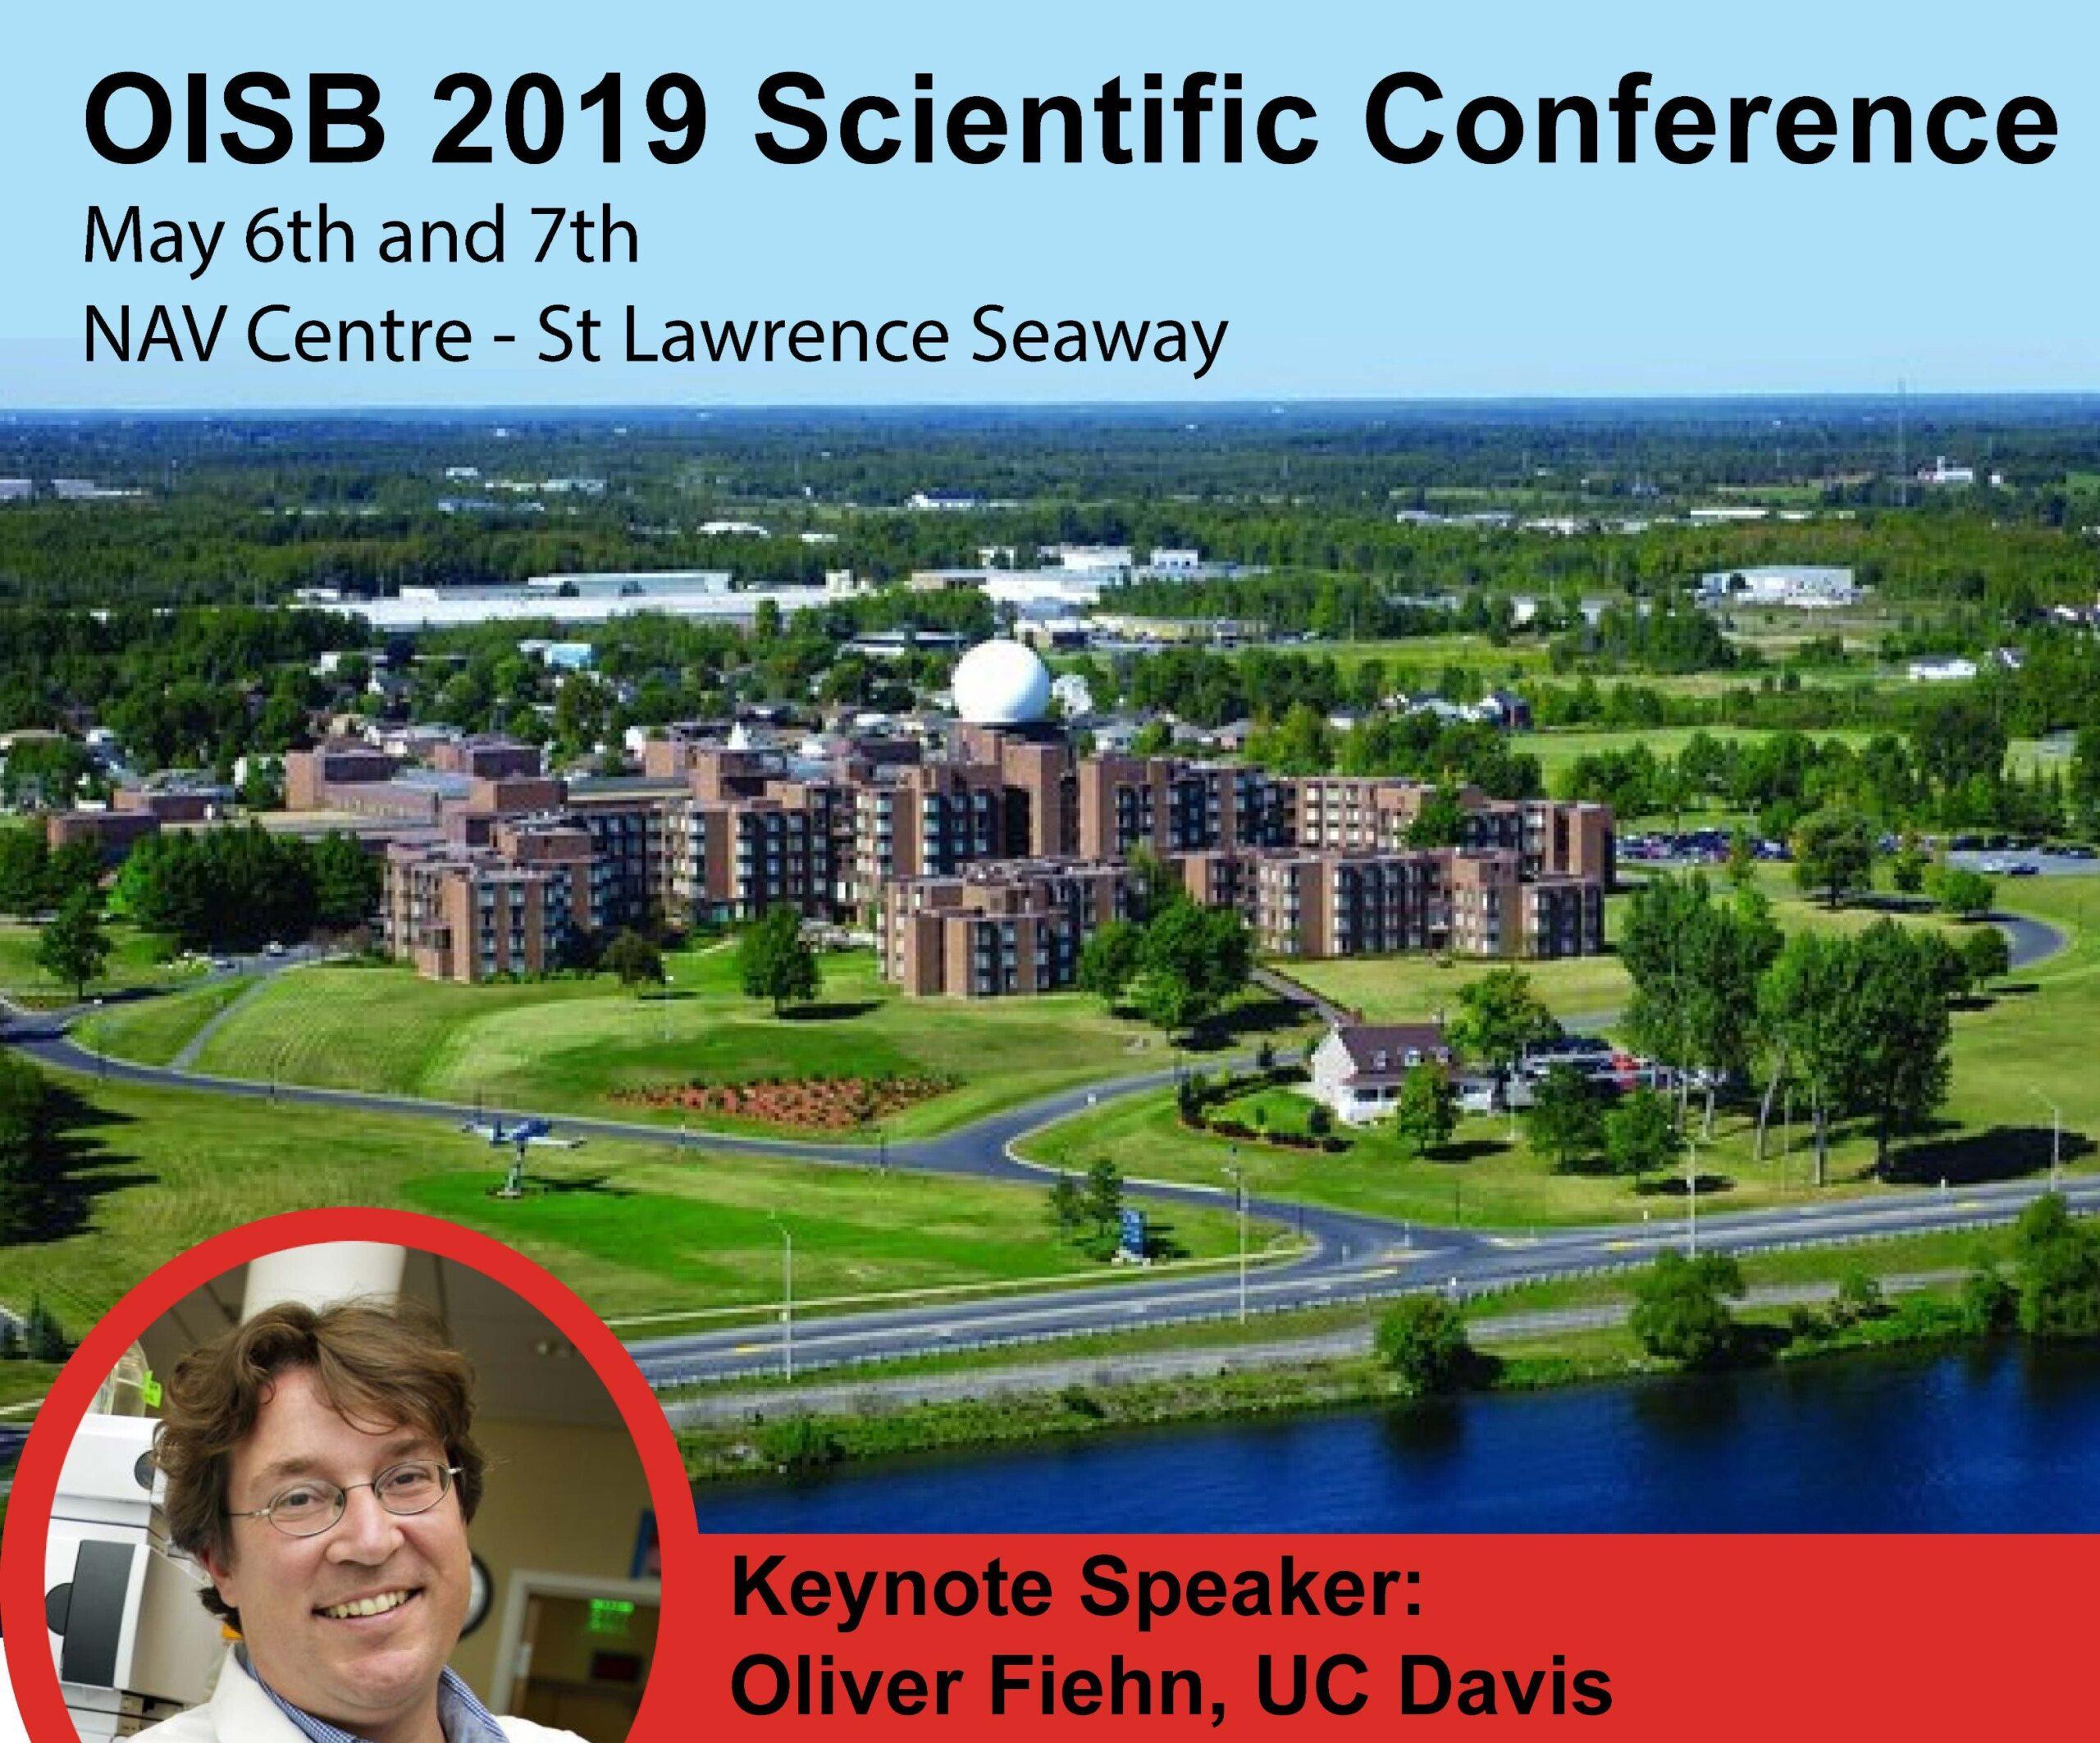 OISB 2019 - Scientific Conference MATRIX - Oliver Feihn